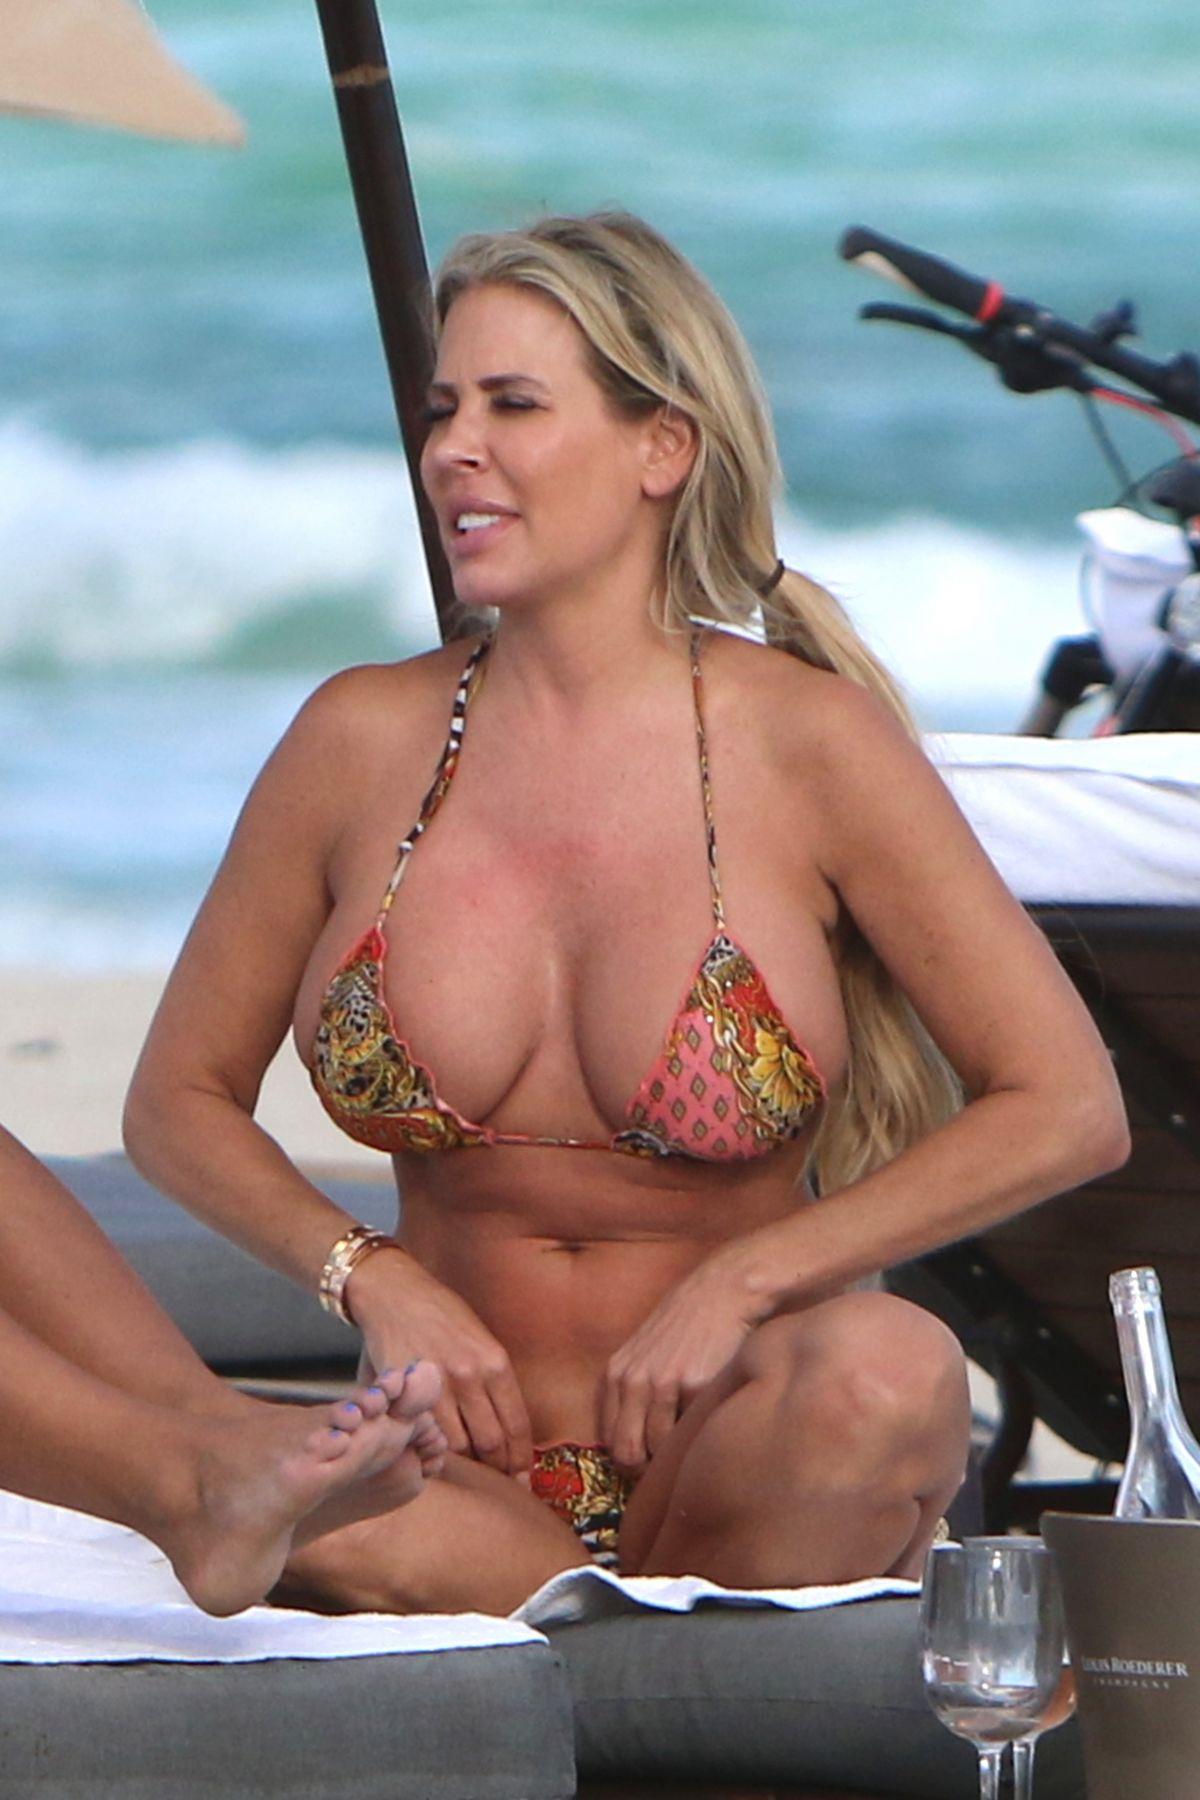 Bikini beach slut